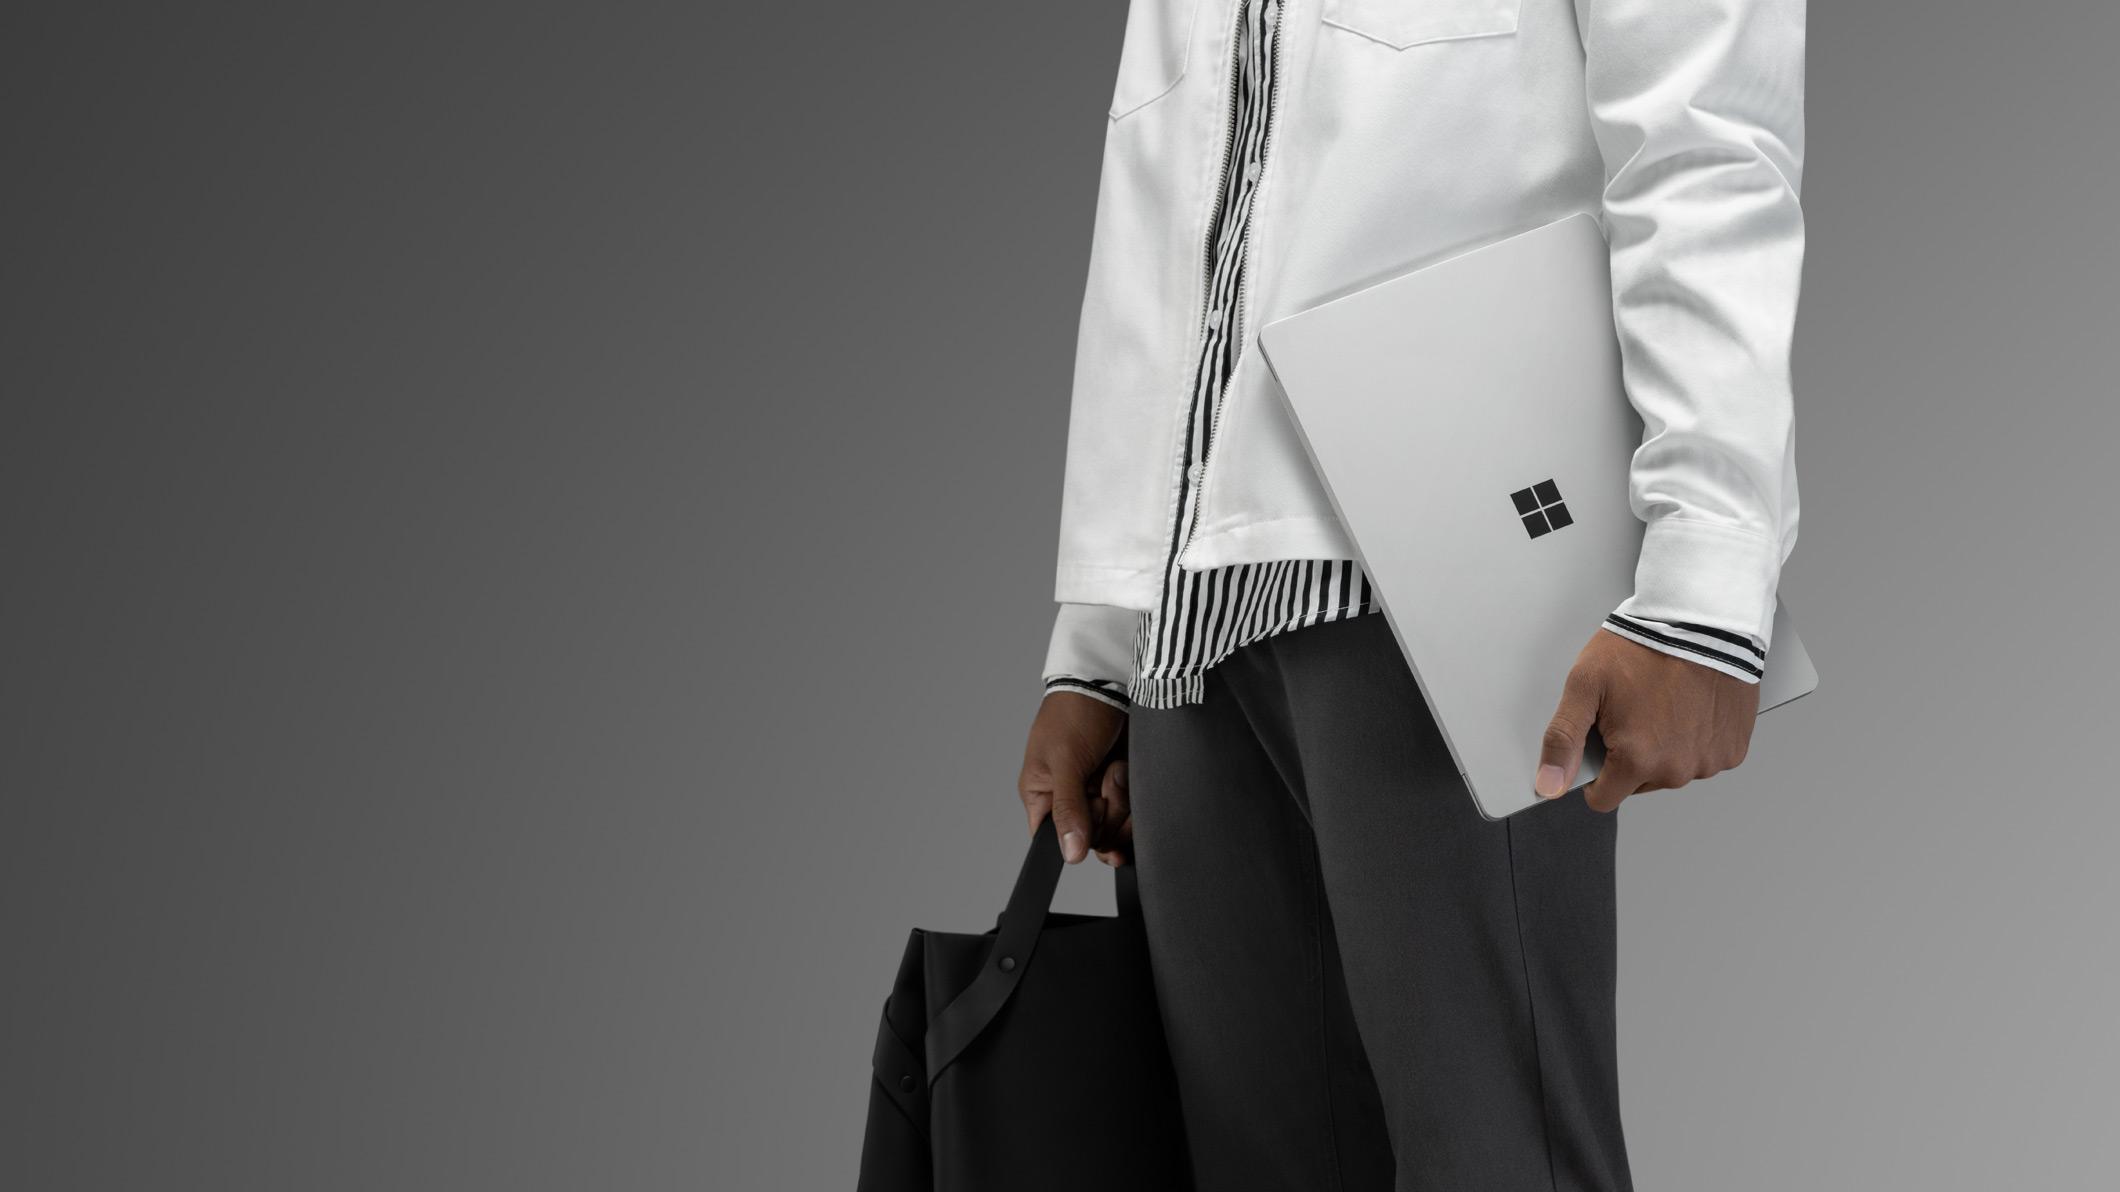 Un homme en veste blanche porte un SurfaceLaptop2 platine à côté de lui